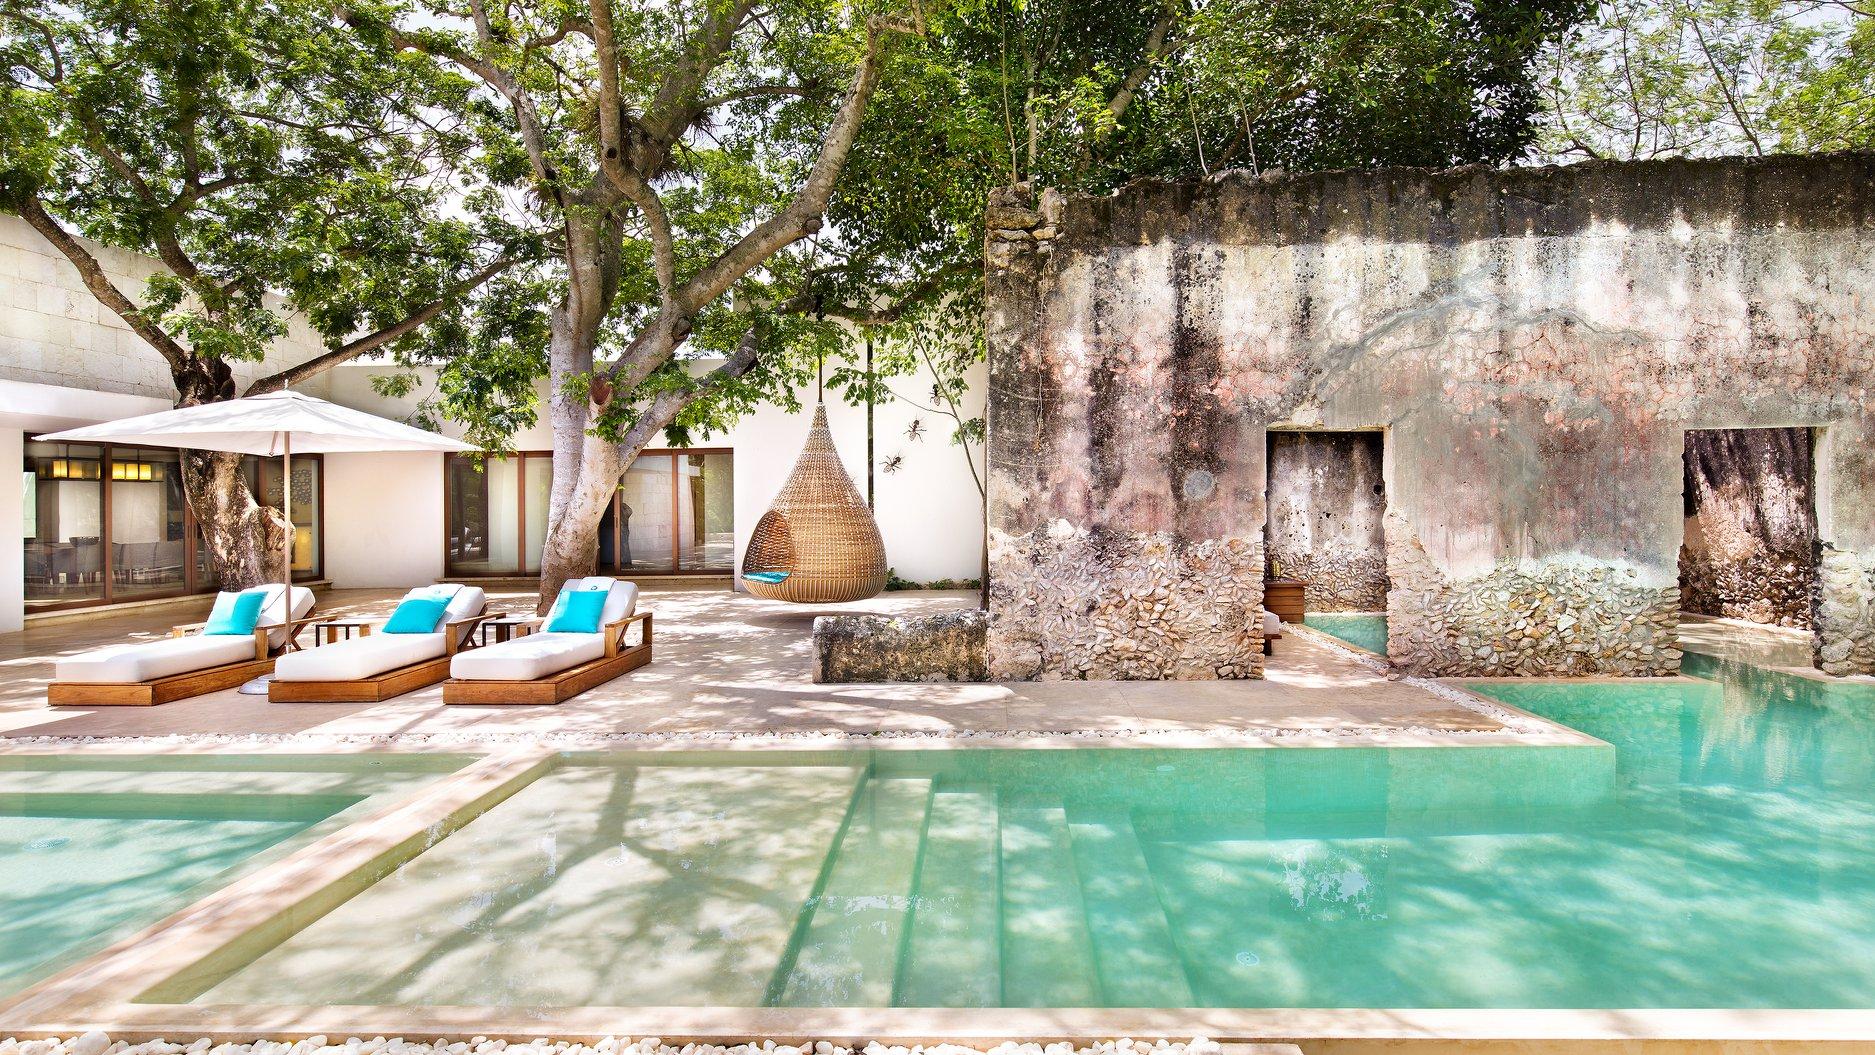 El hotel con el mejor diseño del mundo de acuerdo a la UNESCO está en México